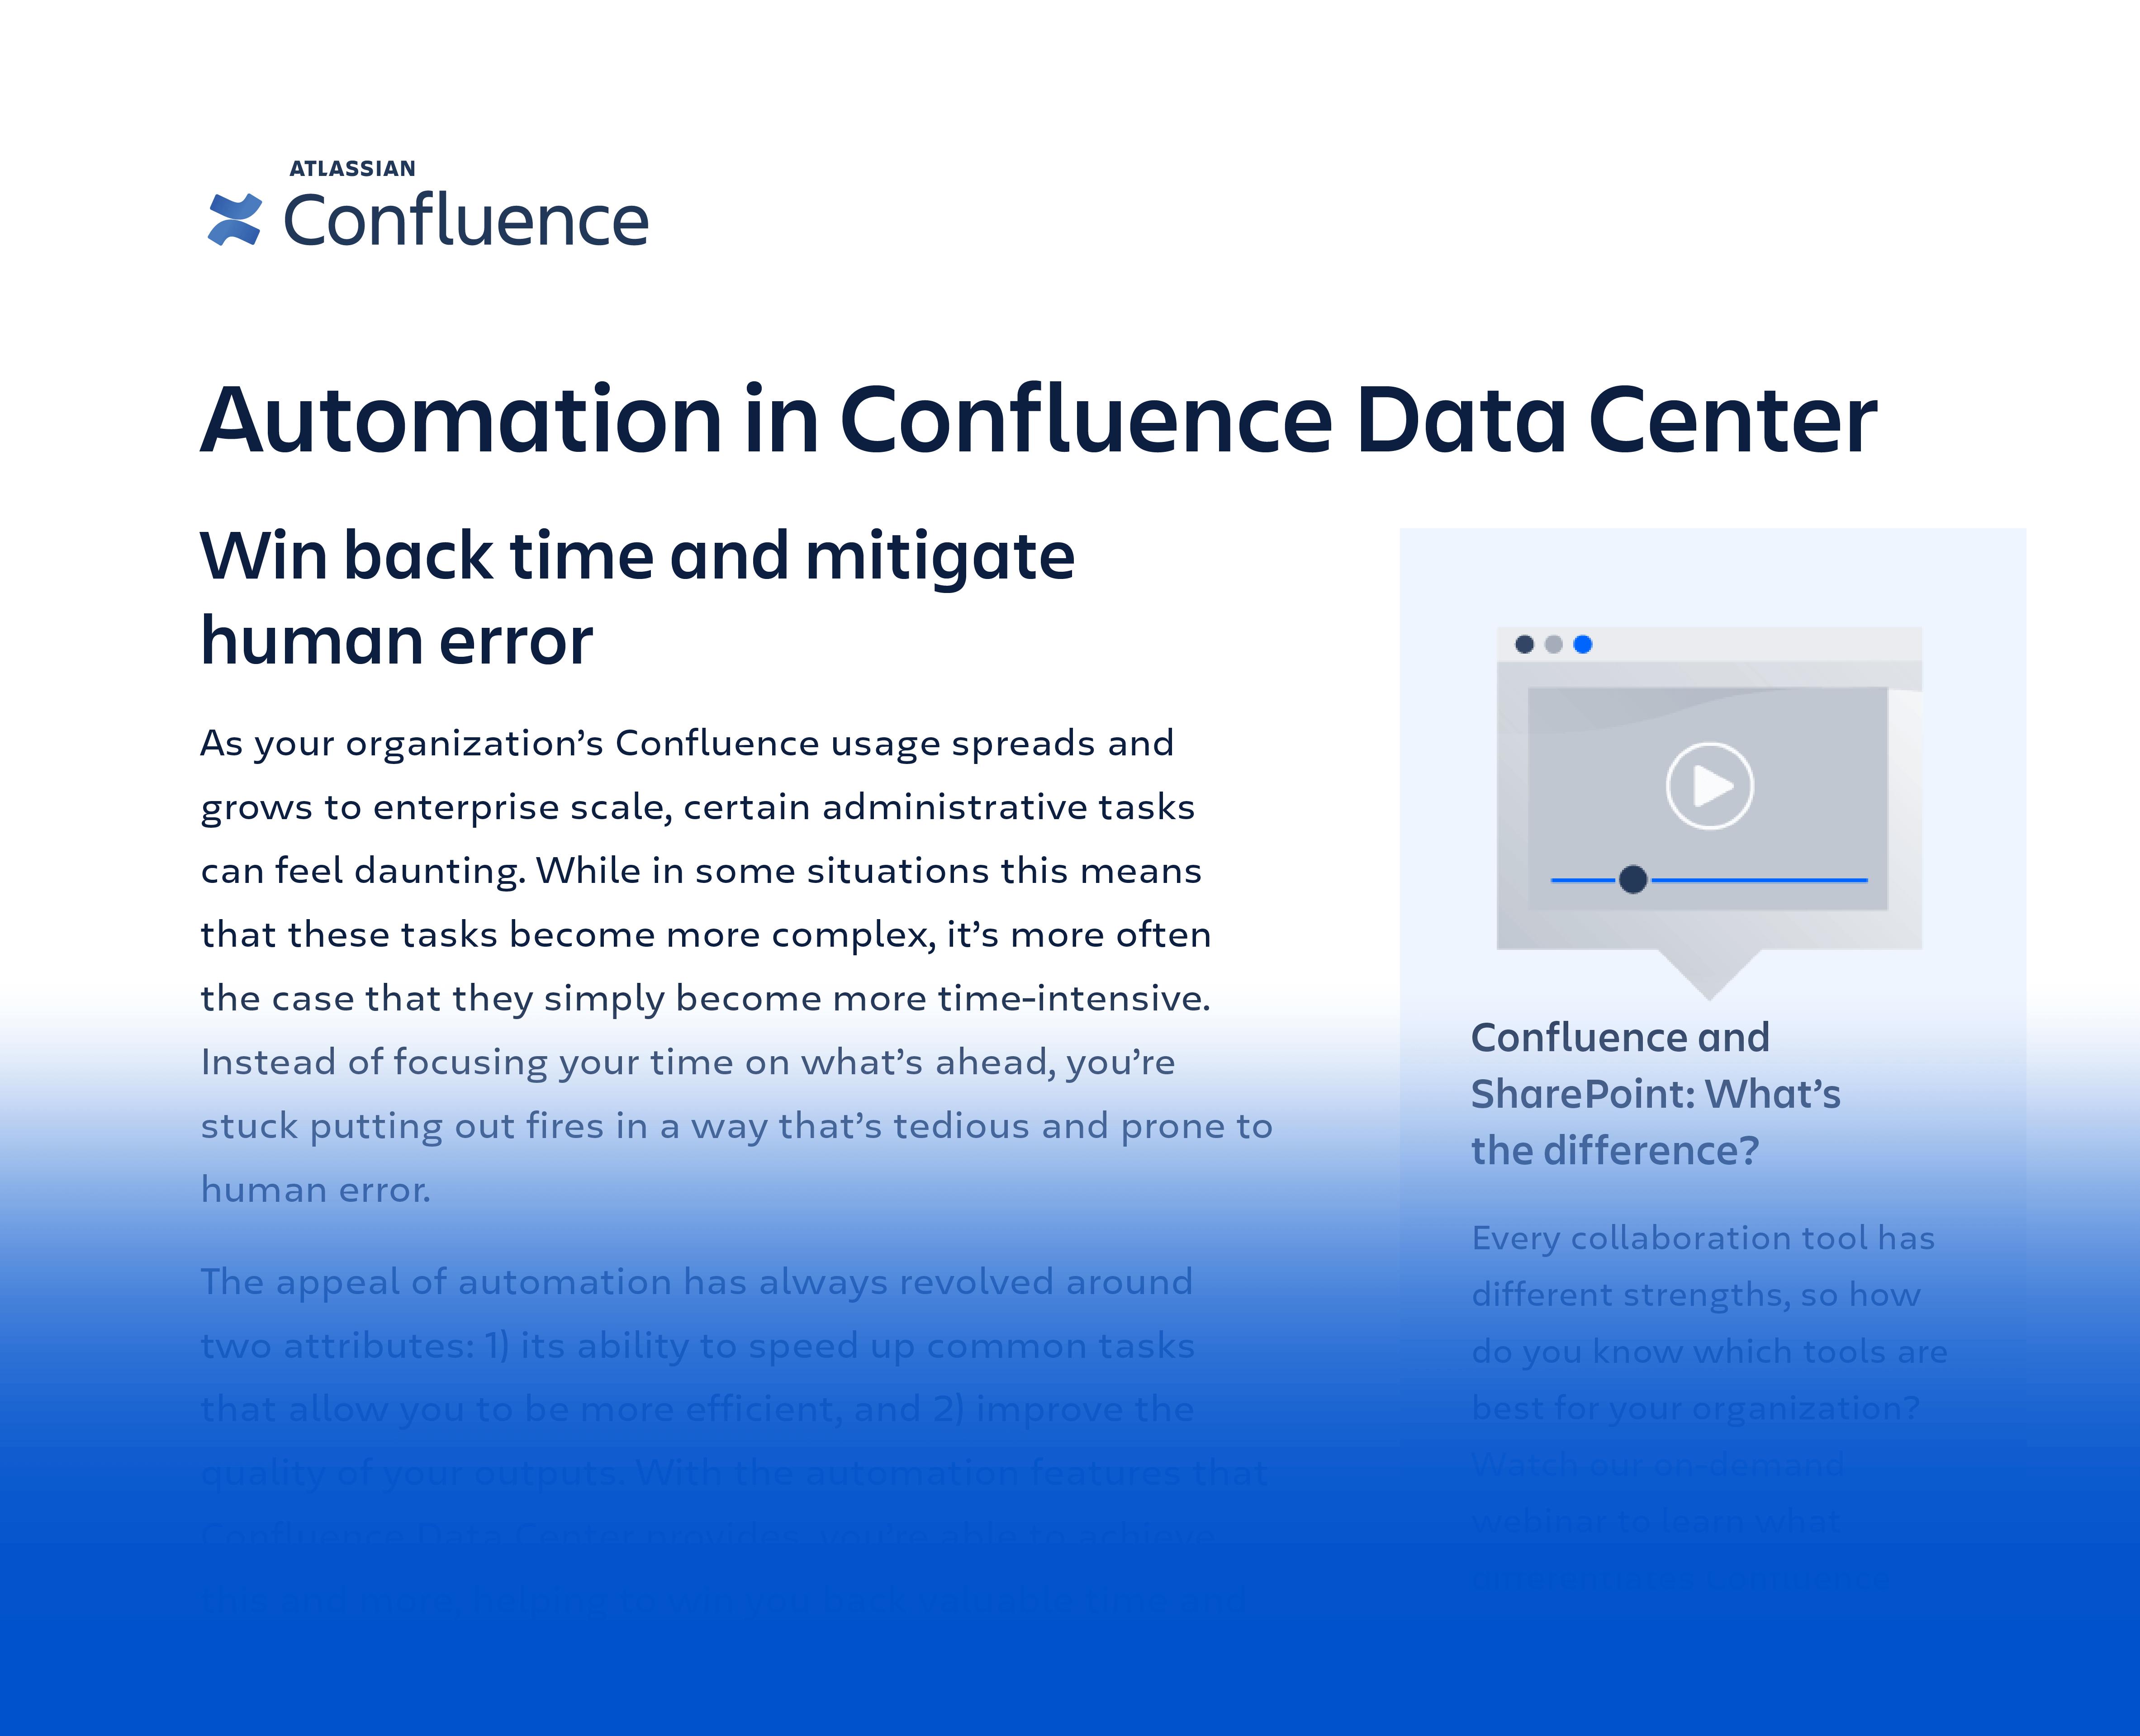 Fiche technique: Automatisation dans ConfluenceDataCenter